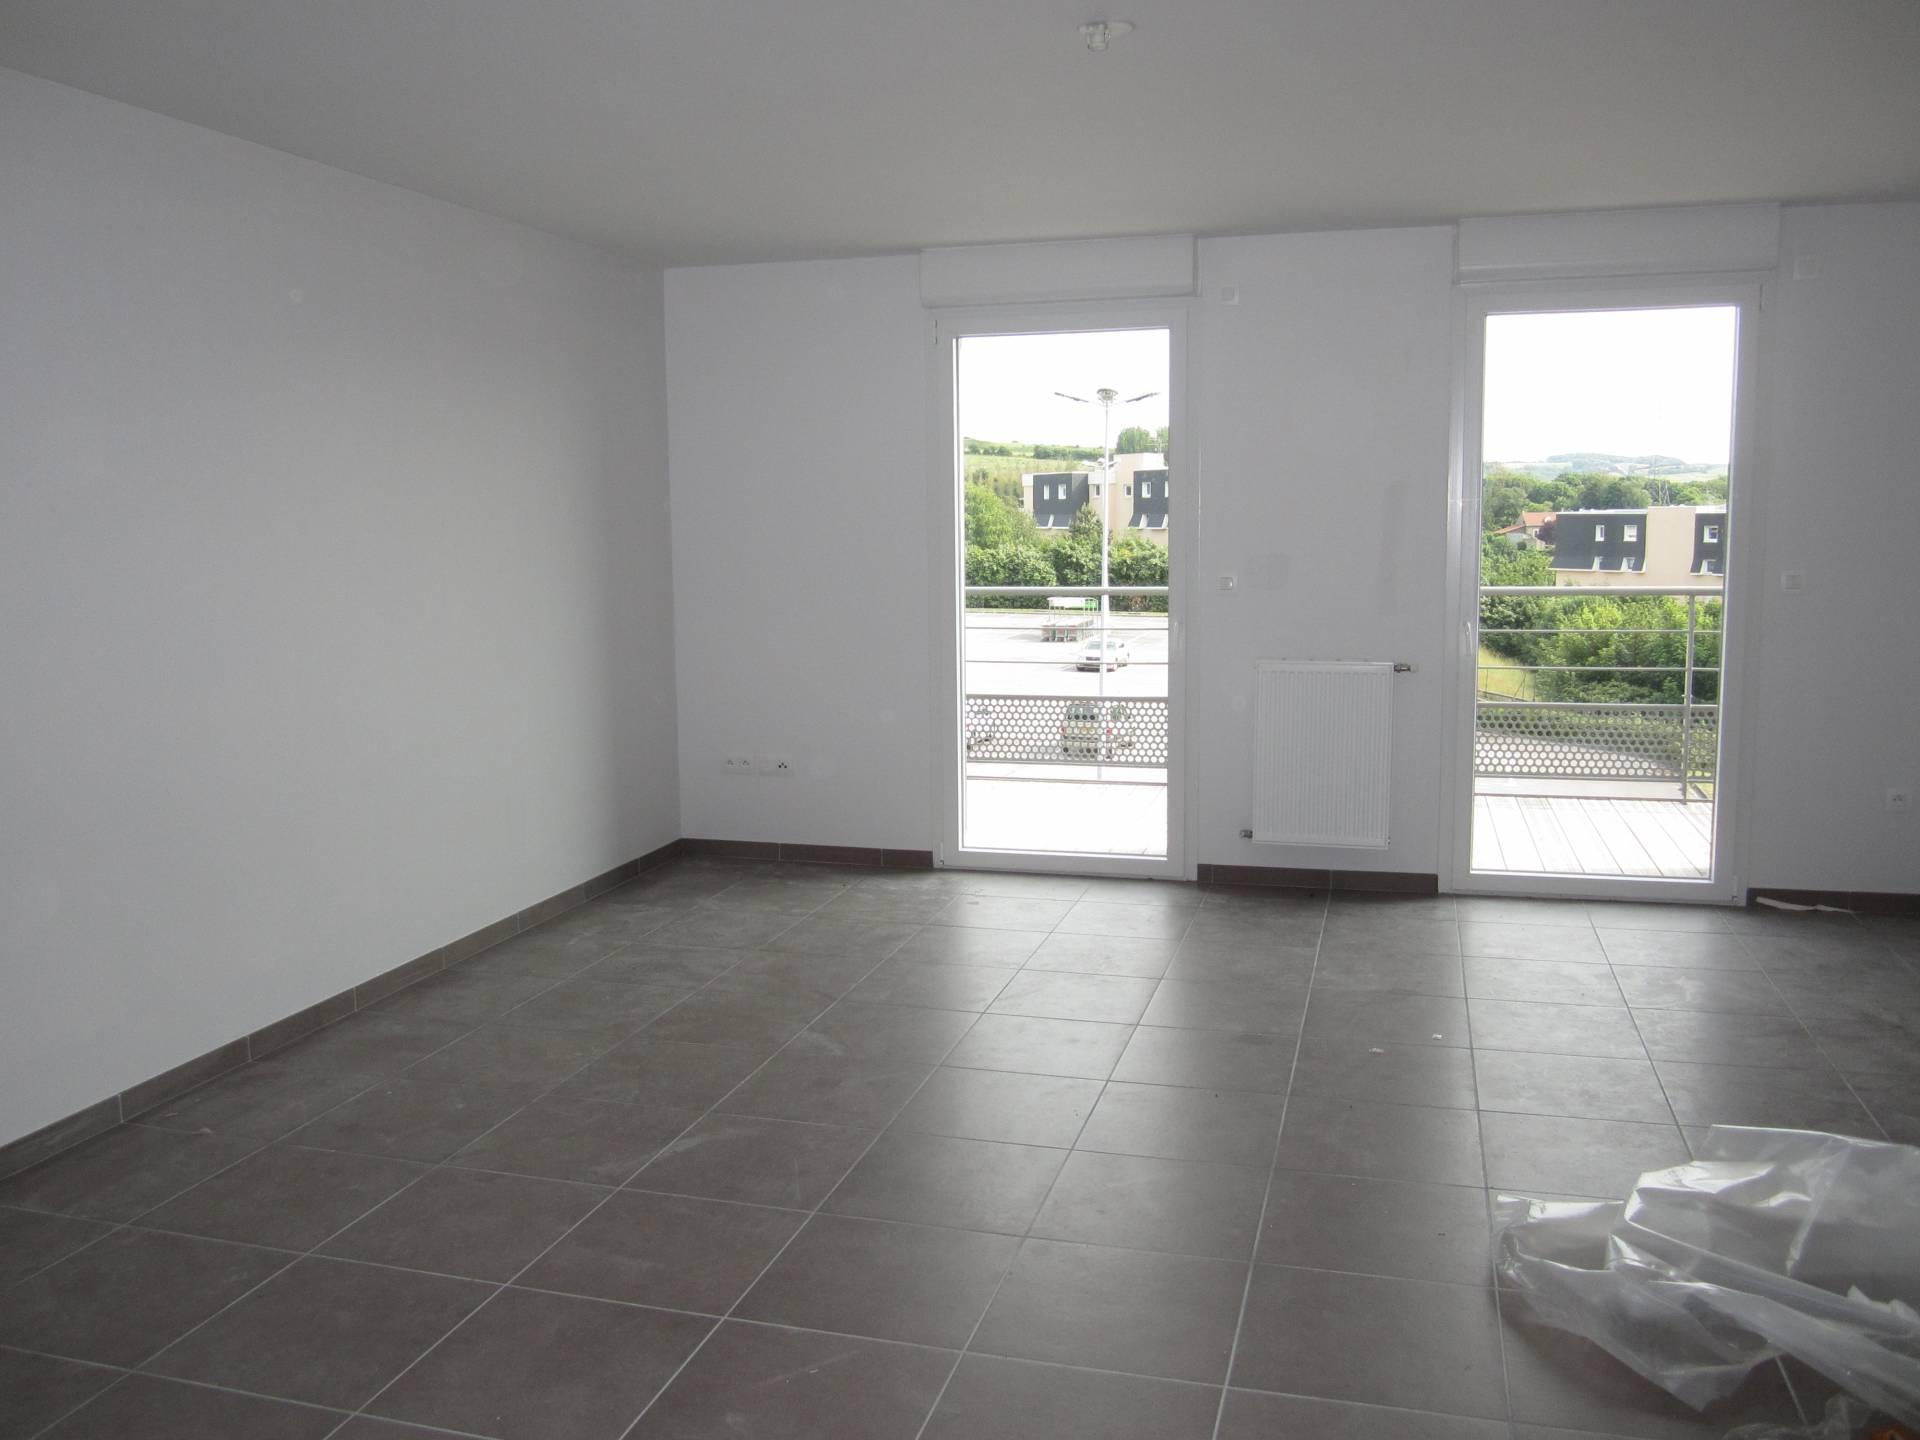 Location appartement Toulouse, pour une recherche facilitée